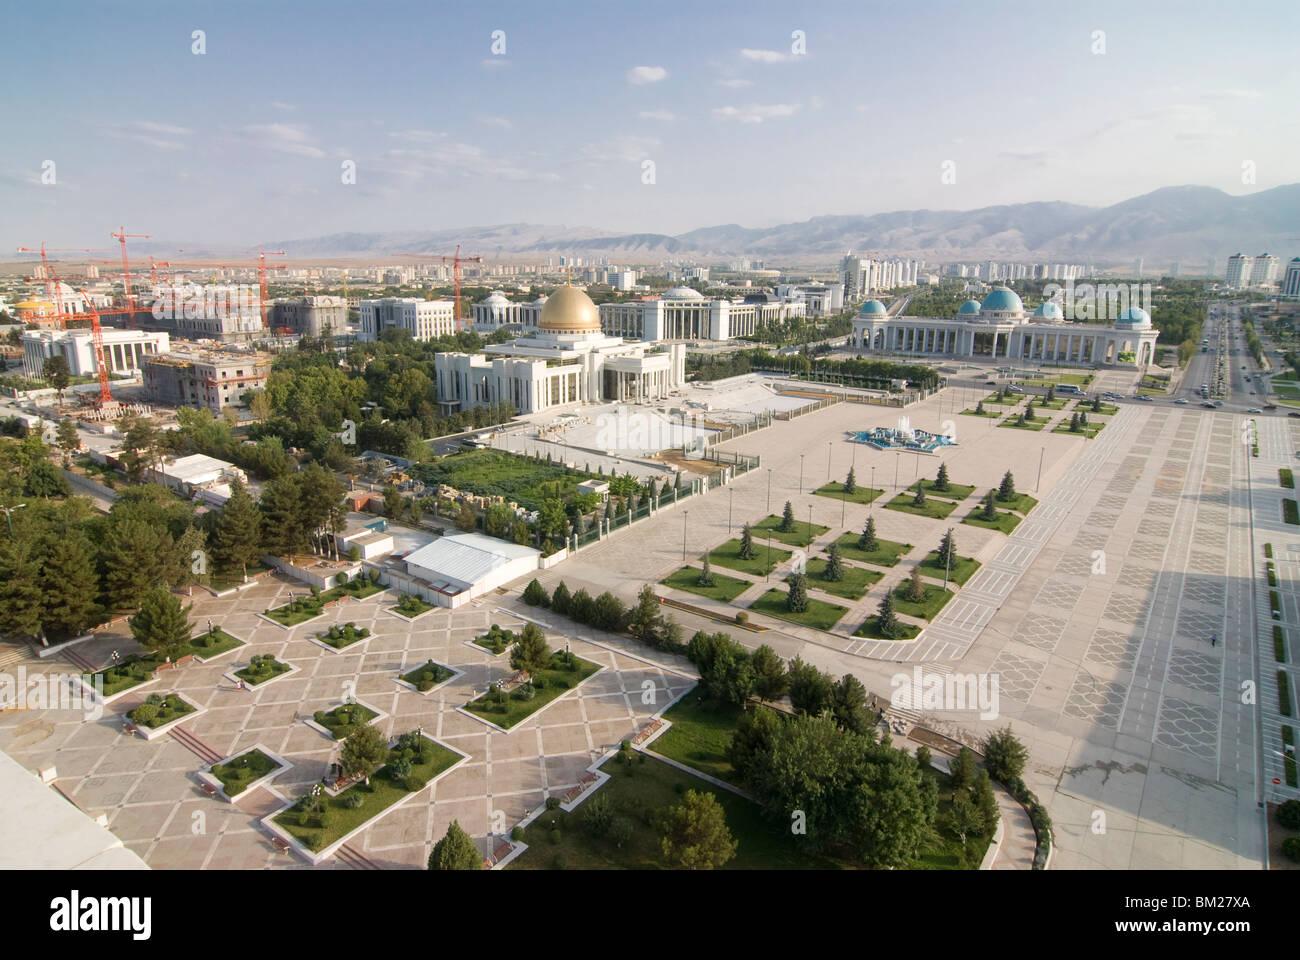 Blick über die Regierung Viertel und Zentrum von Aschgabat, Turkmenistan, Zentral-Asien, Asien Stockbild